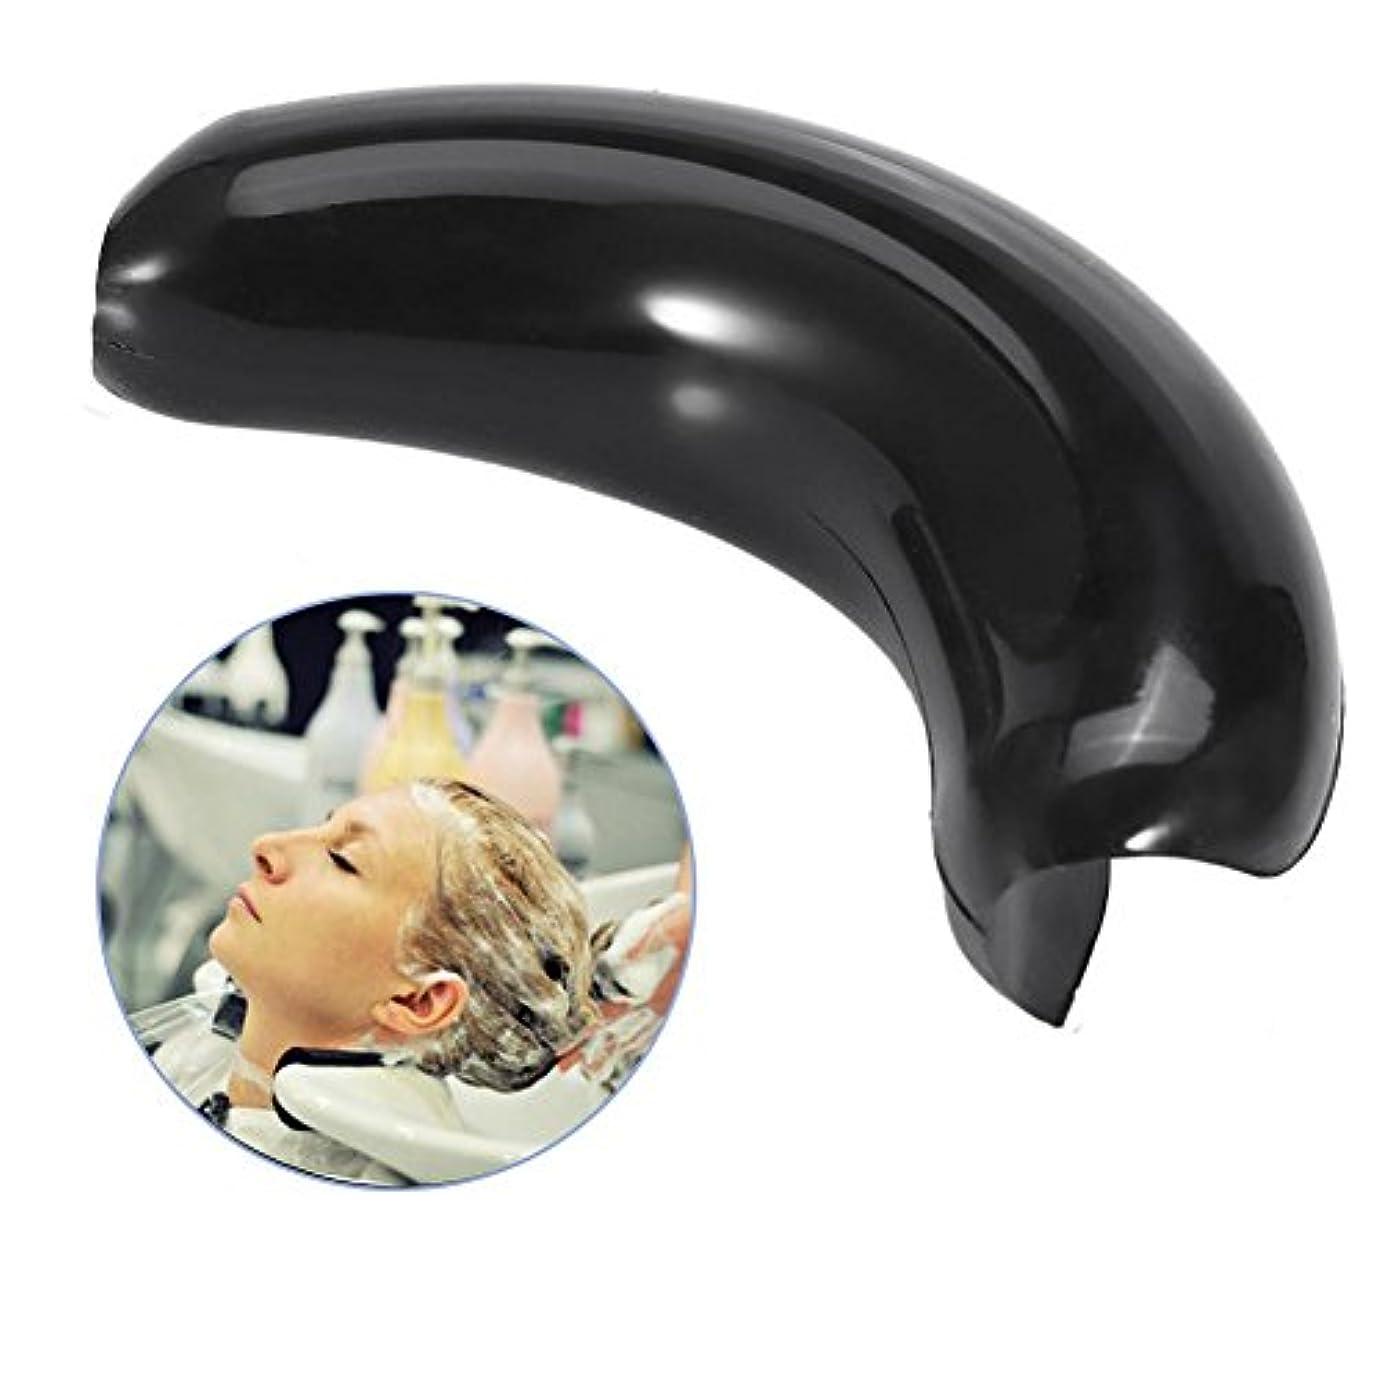 船尾洗剤できないシャンプーボールのゲルの首の残り、鉱泉のヘアーサロンの洗浄の罪のための耐久の快適で柔らかいシリコーン/PUのゲルの首のクッションの枕